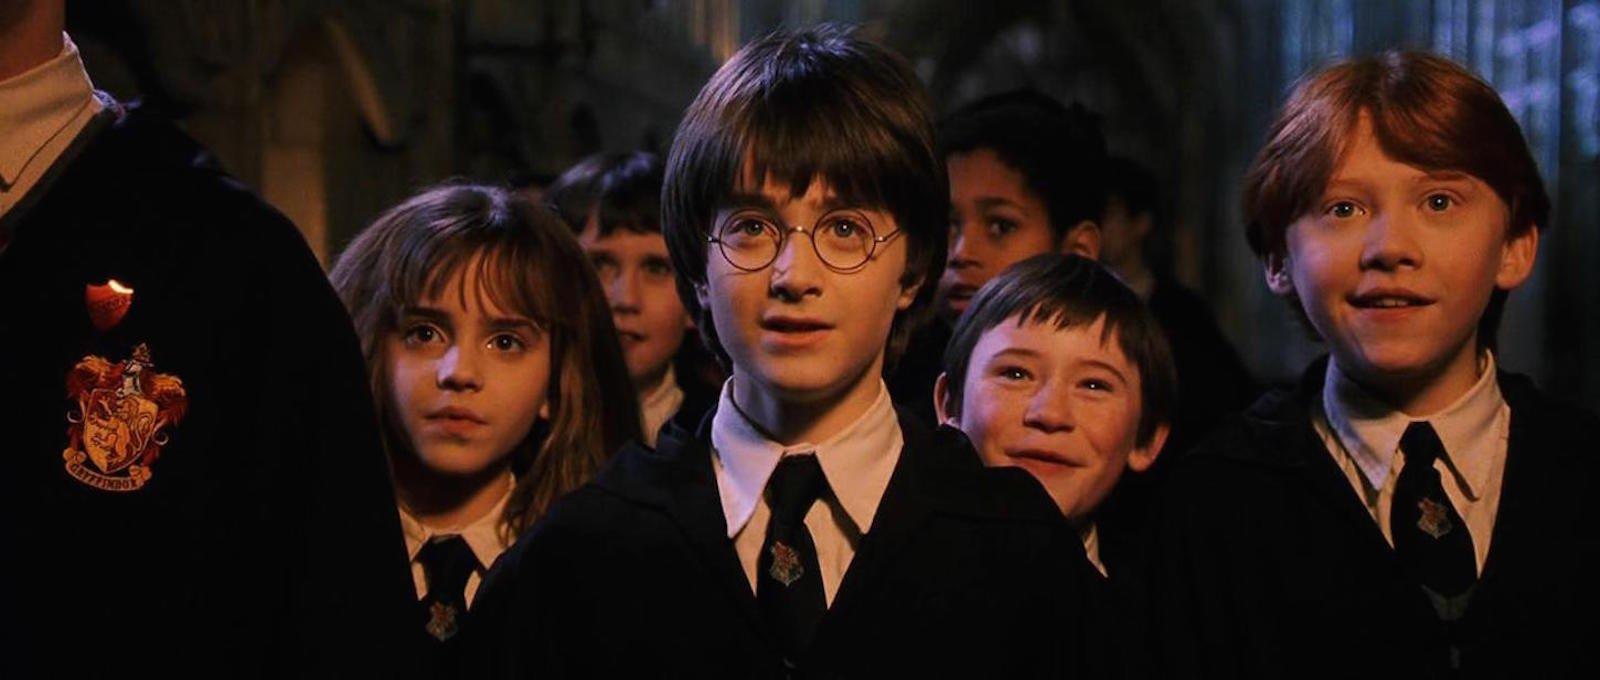 霍格华兹的同学们买新课本哦!欢庆20周年鉅献《哈利波特:穿越魔法史》